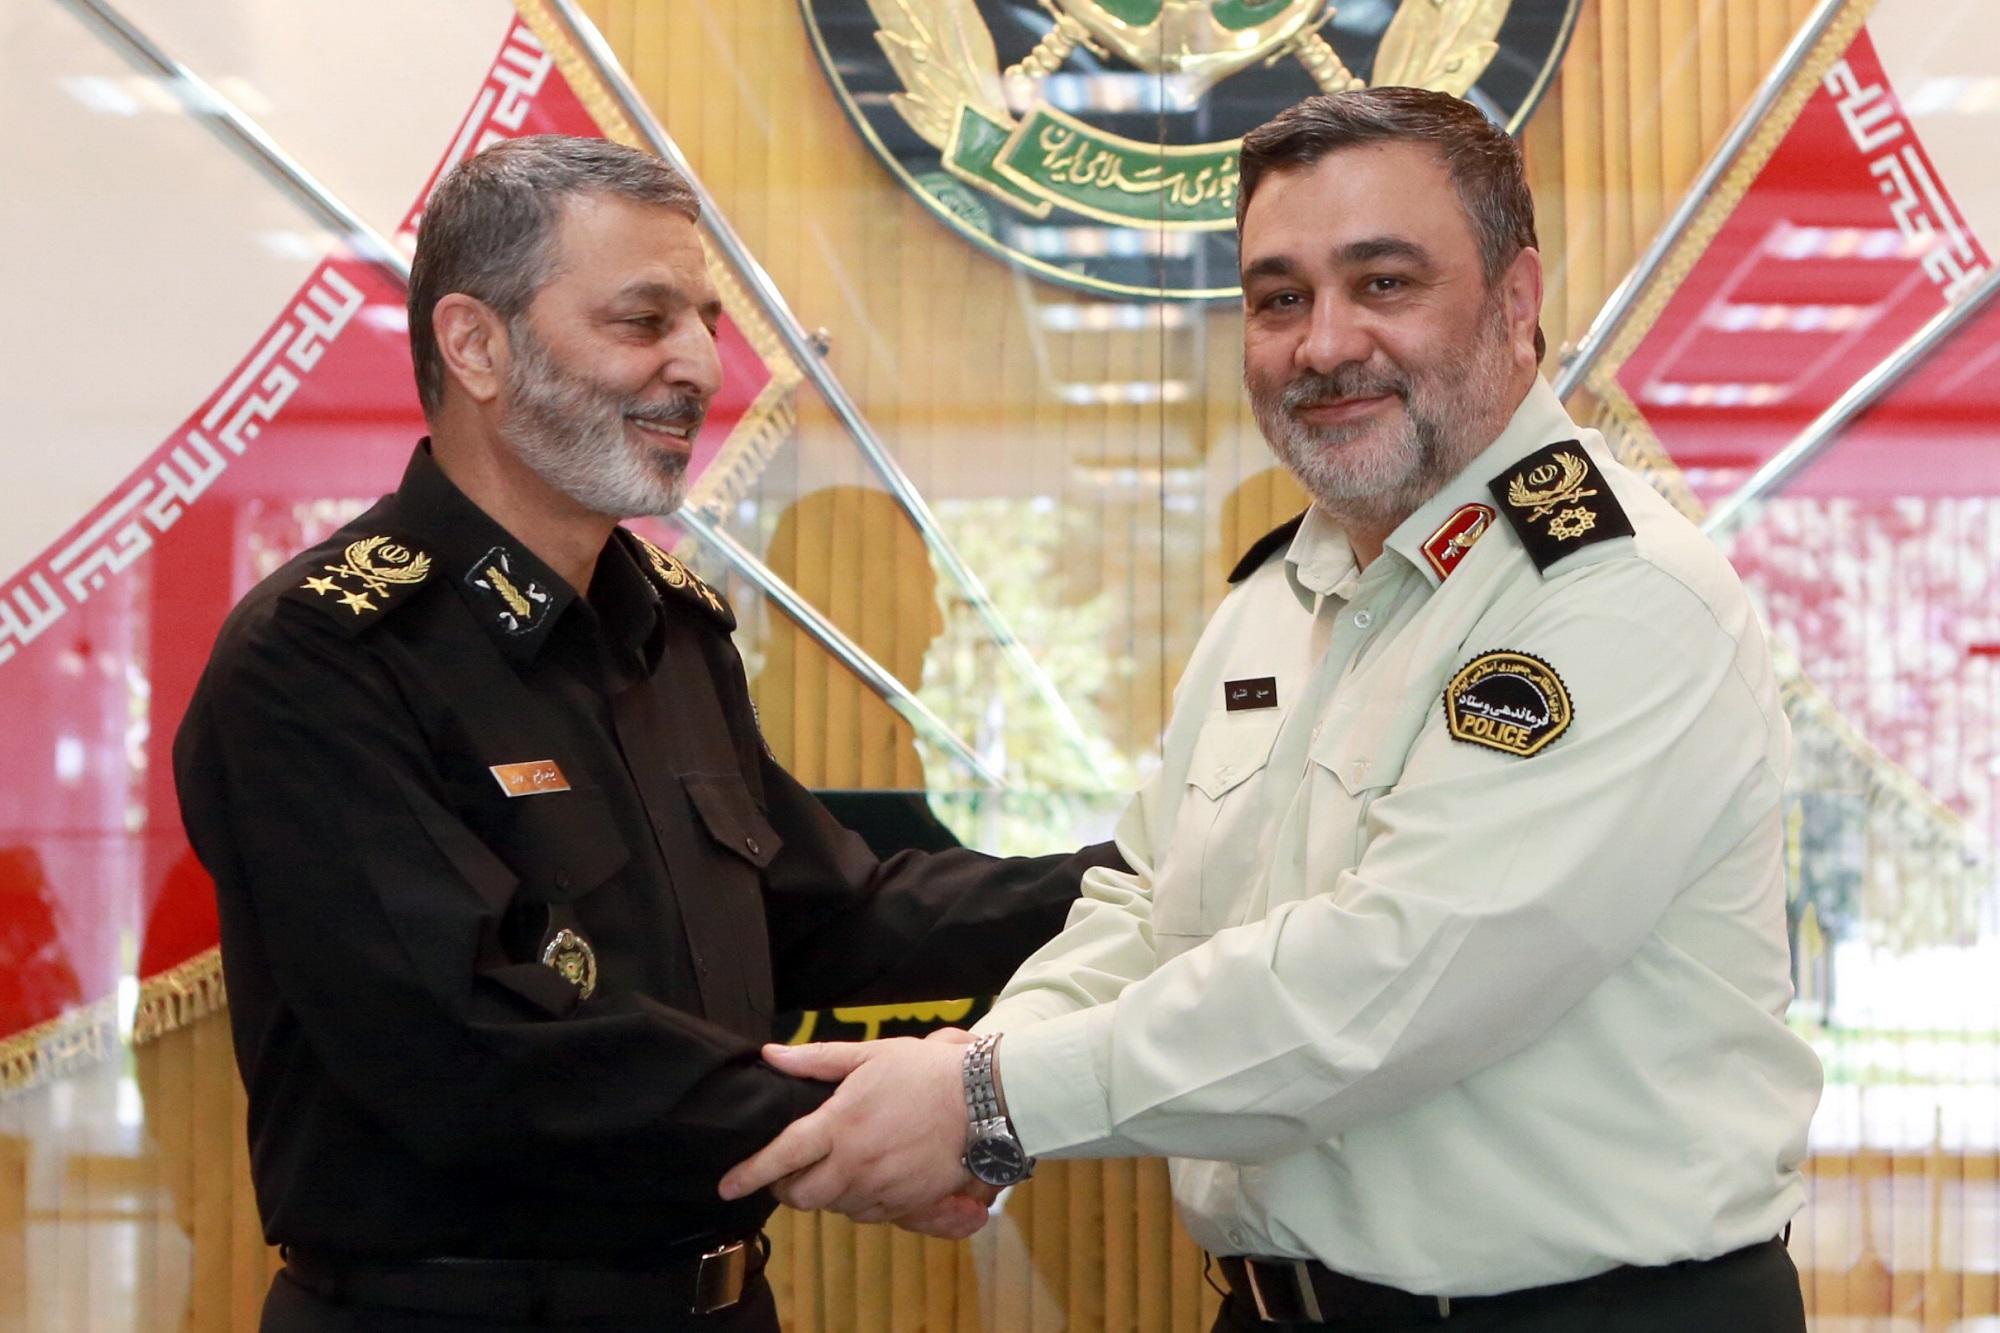 فرمانده کل ارتش فرارسیدن هفته نیروی انتظامی را تبریک گفت